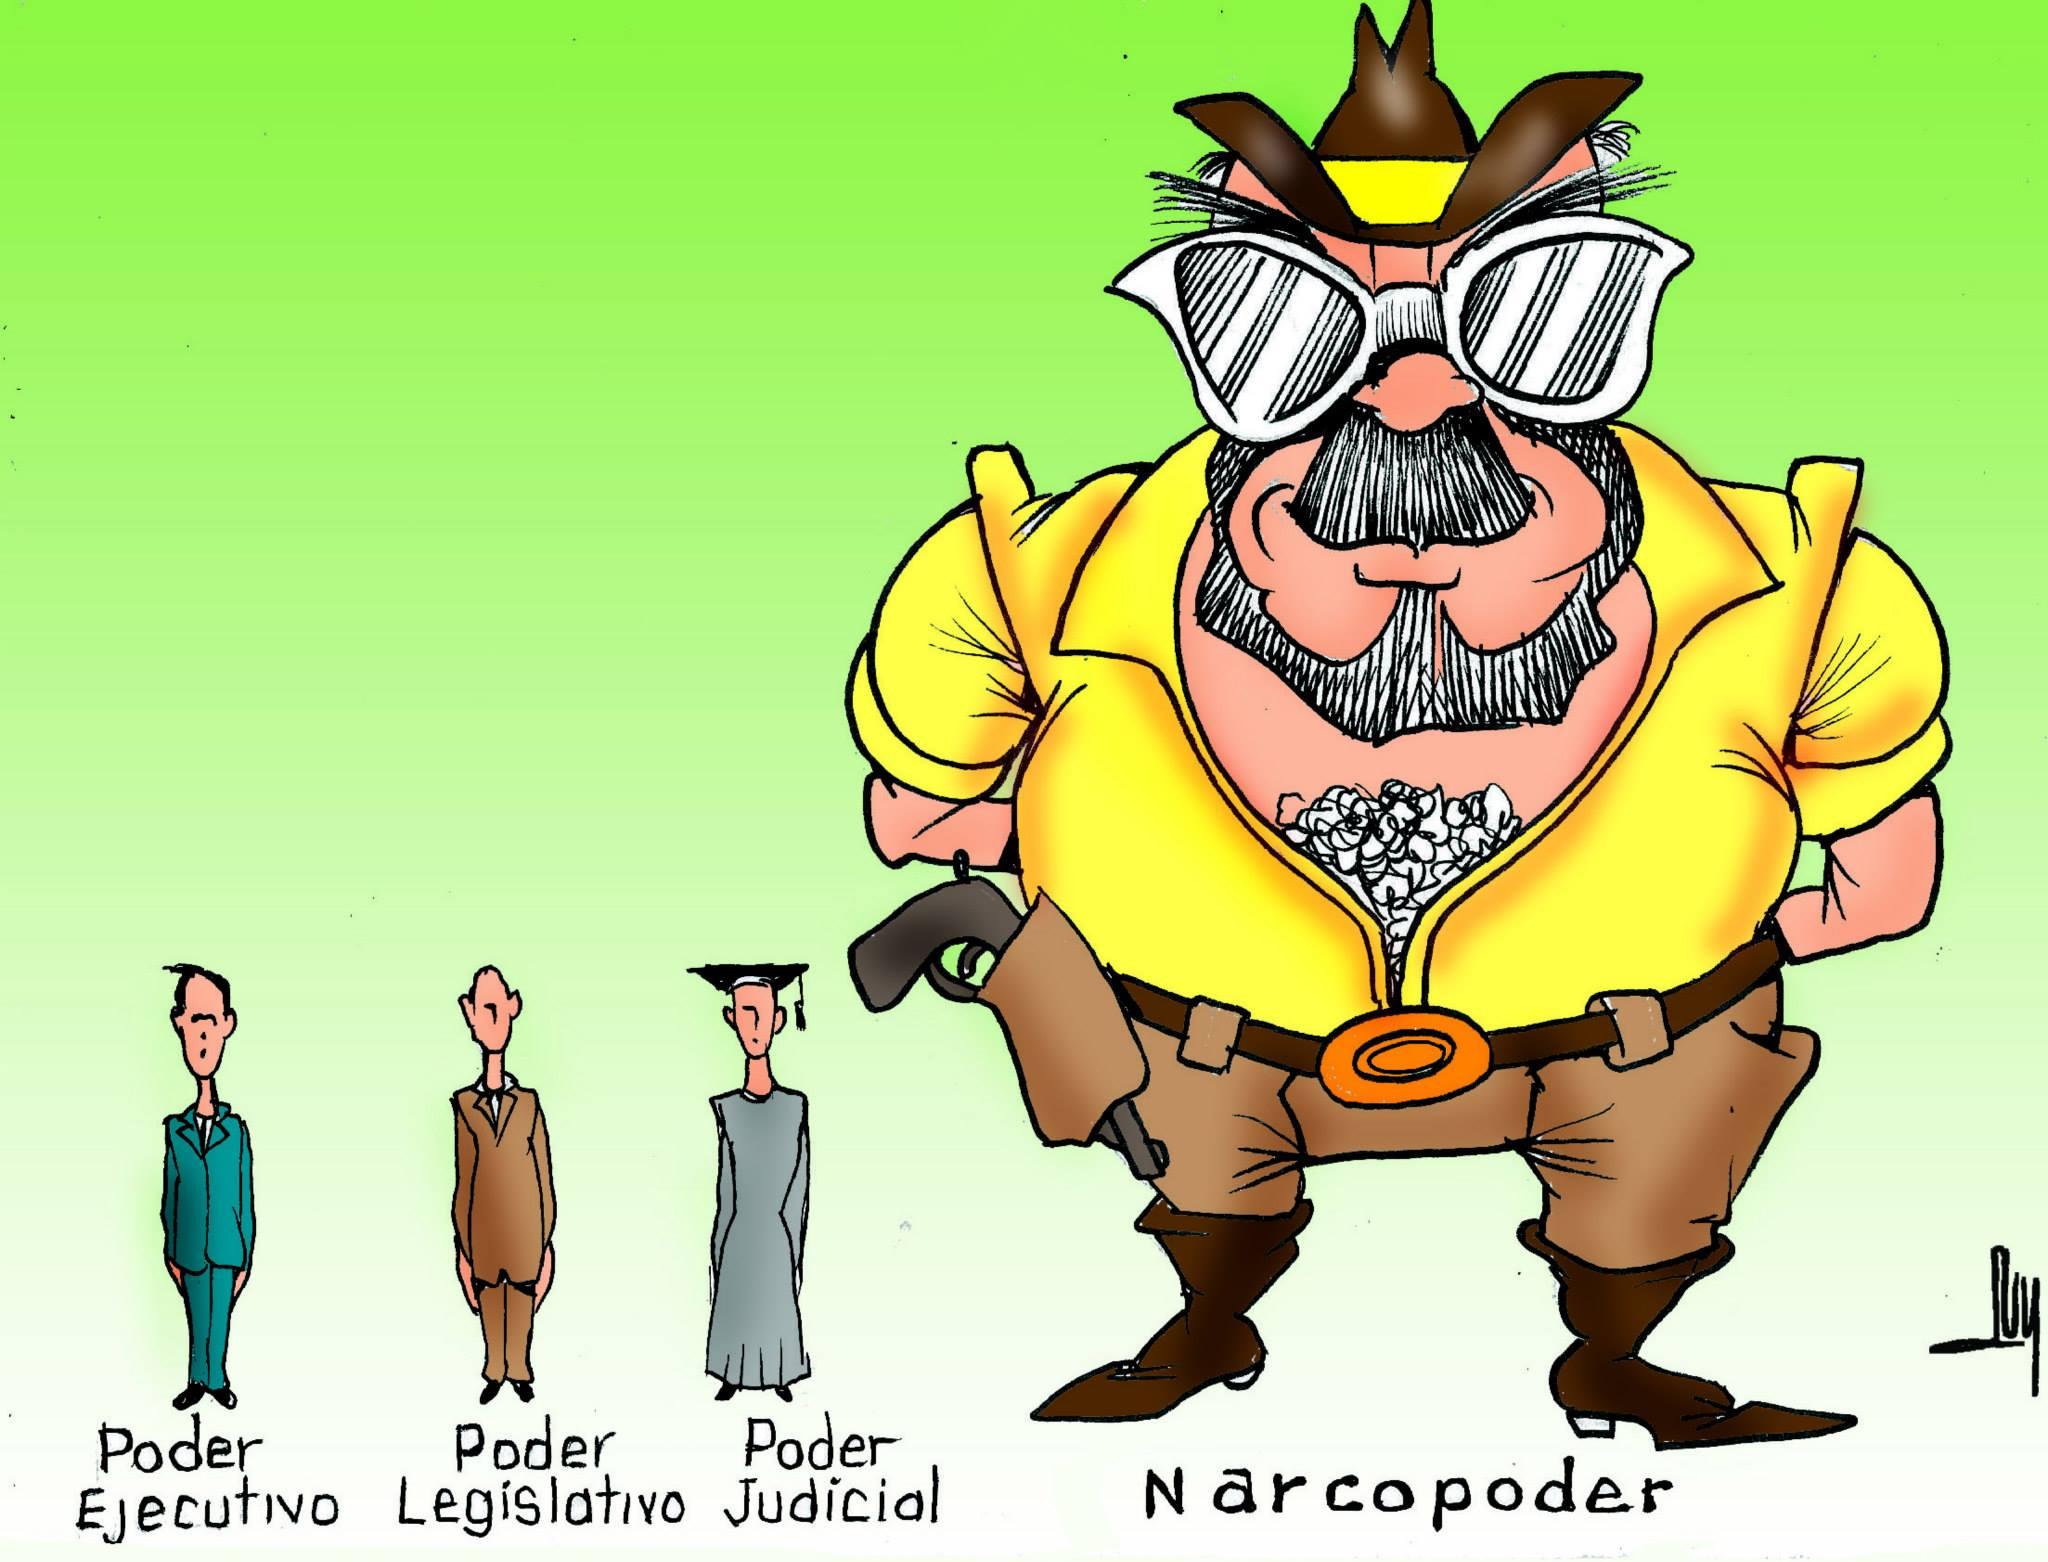 narcopoder